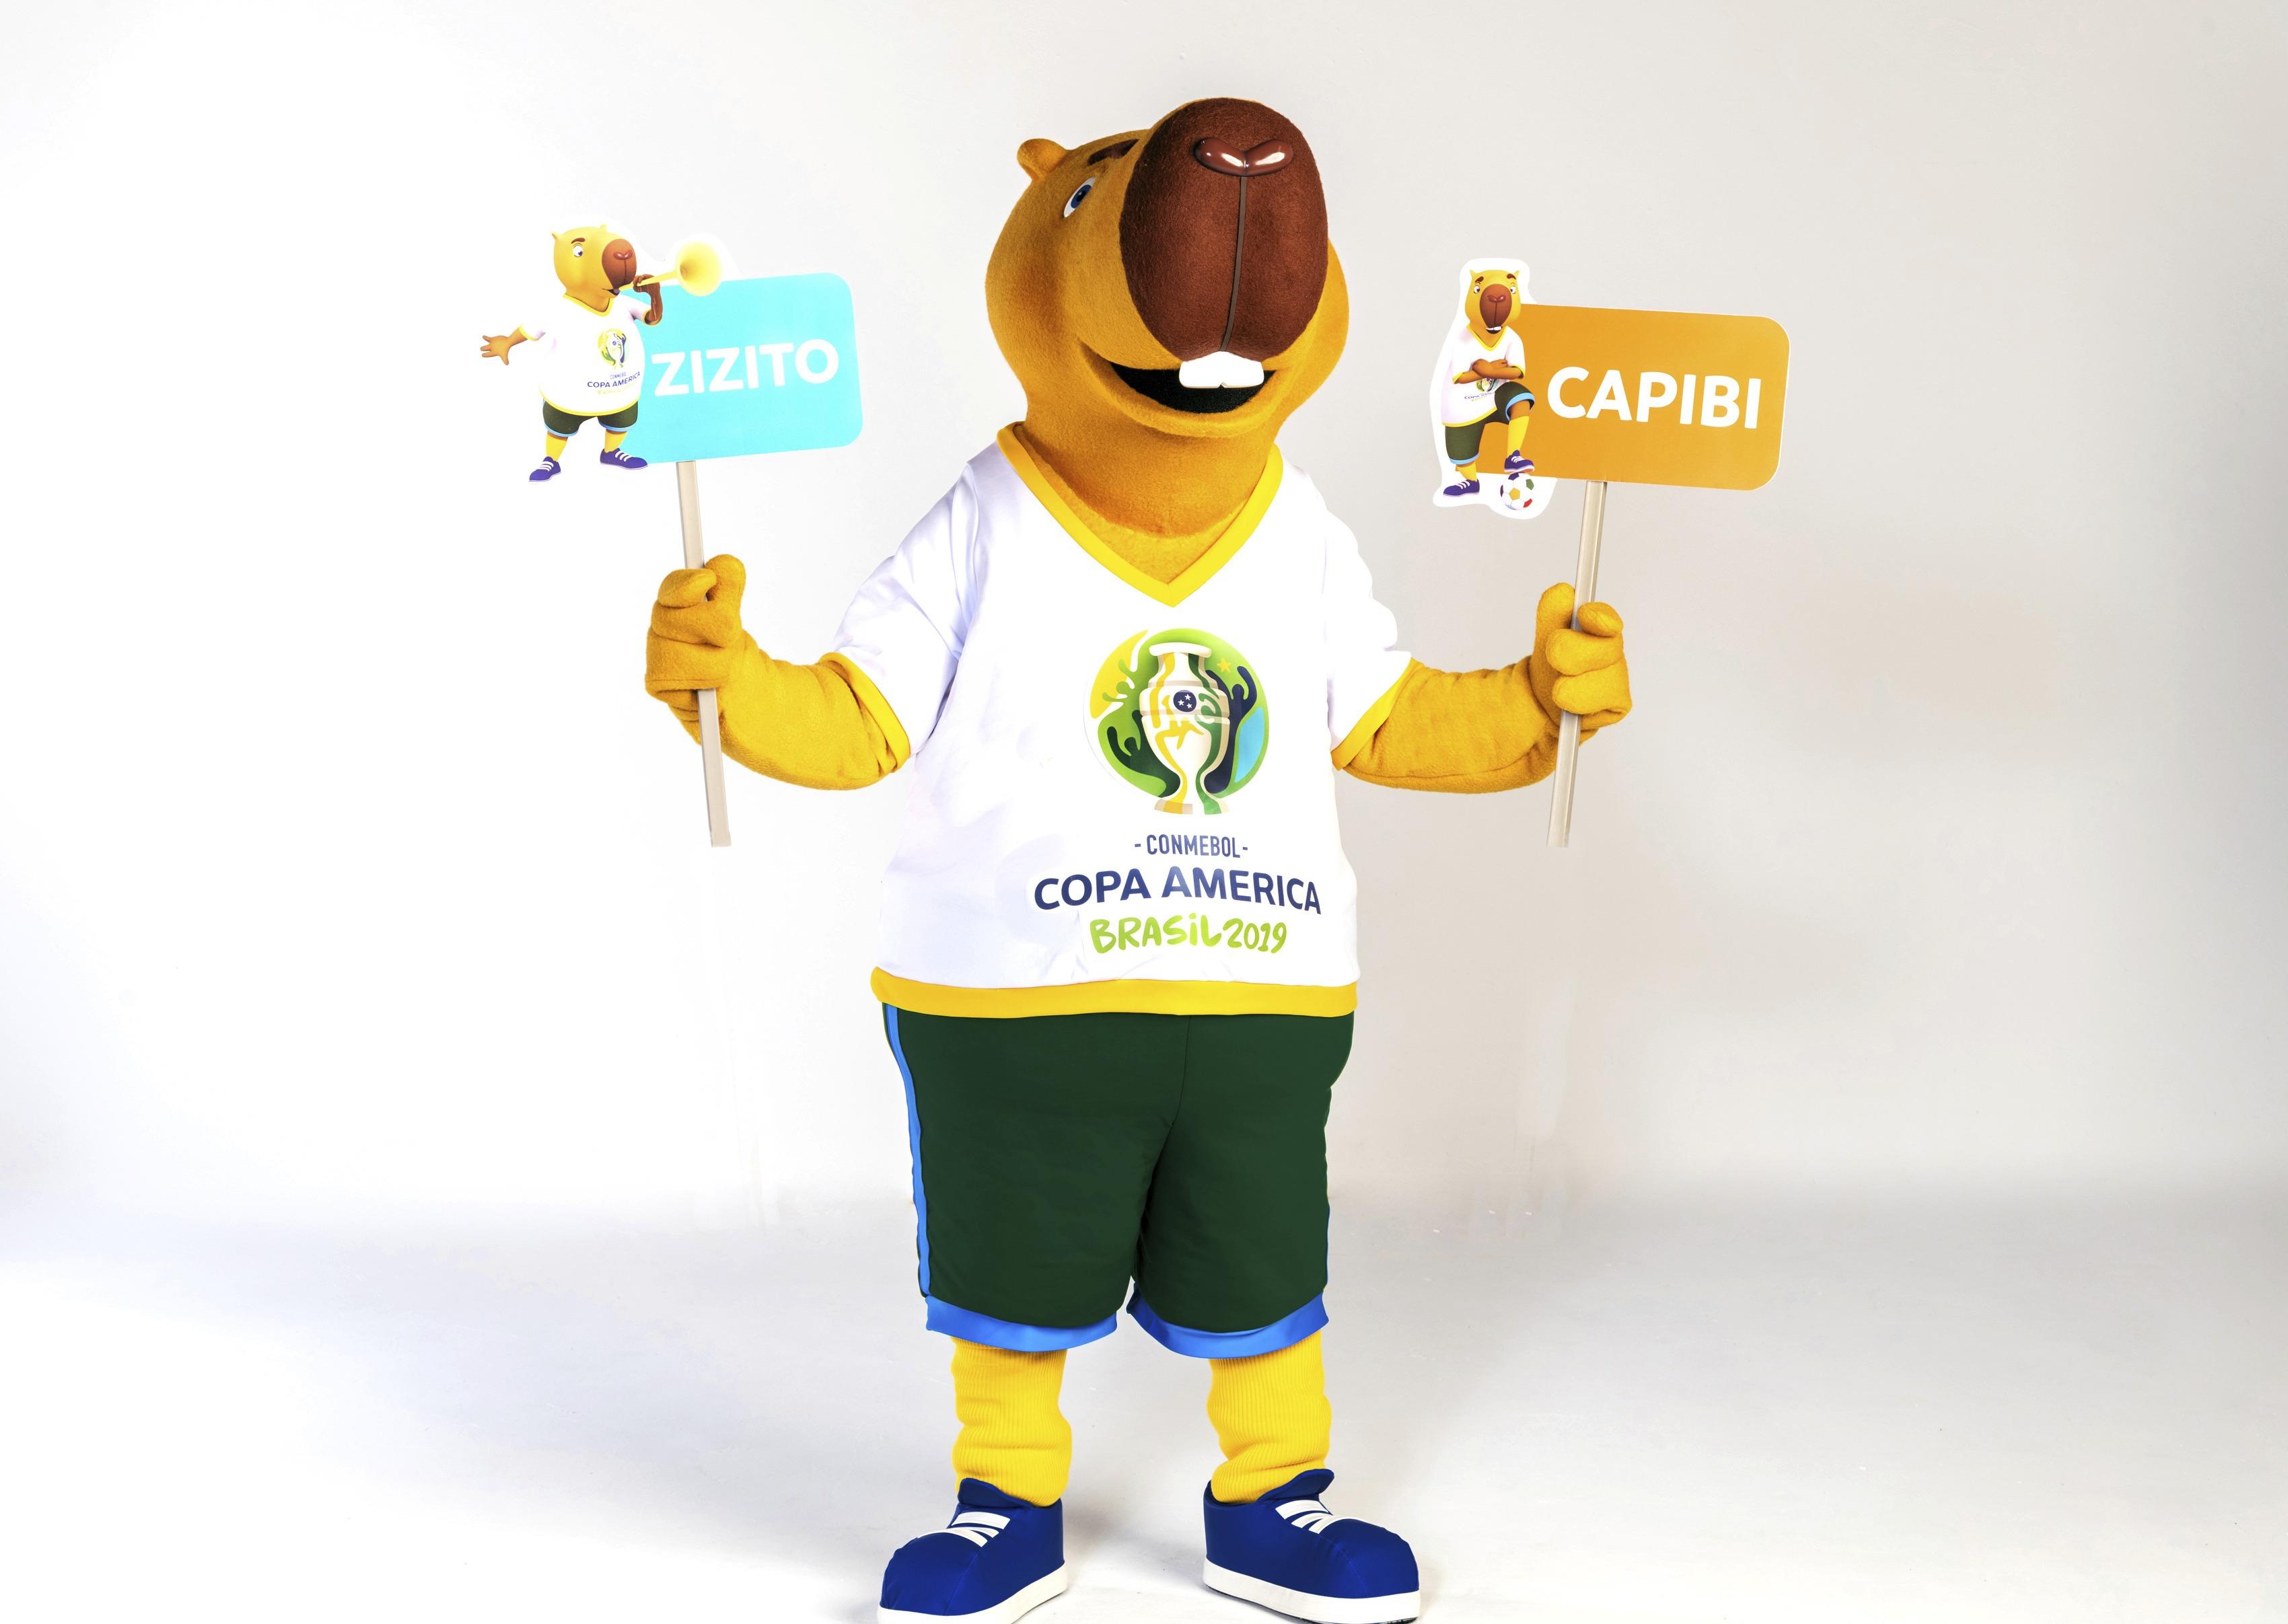 Zizito, el nombre de la mascota de la Copa América